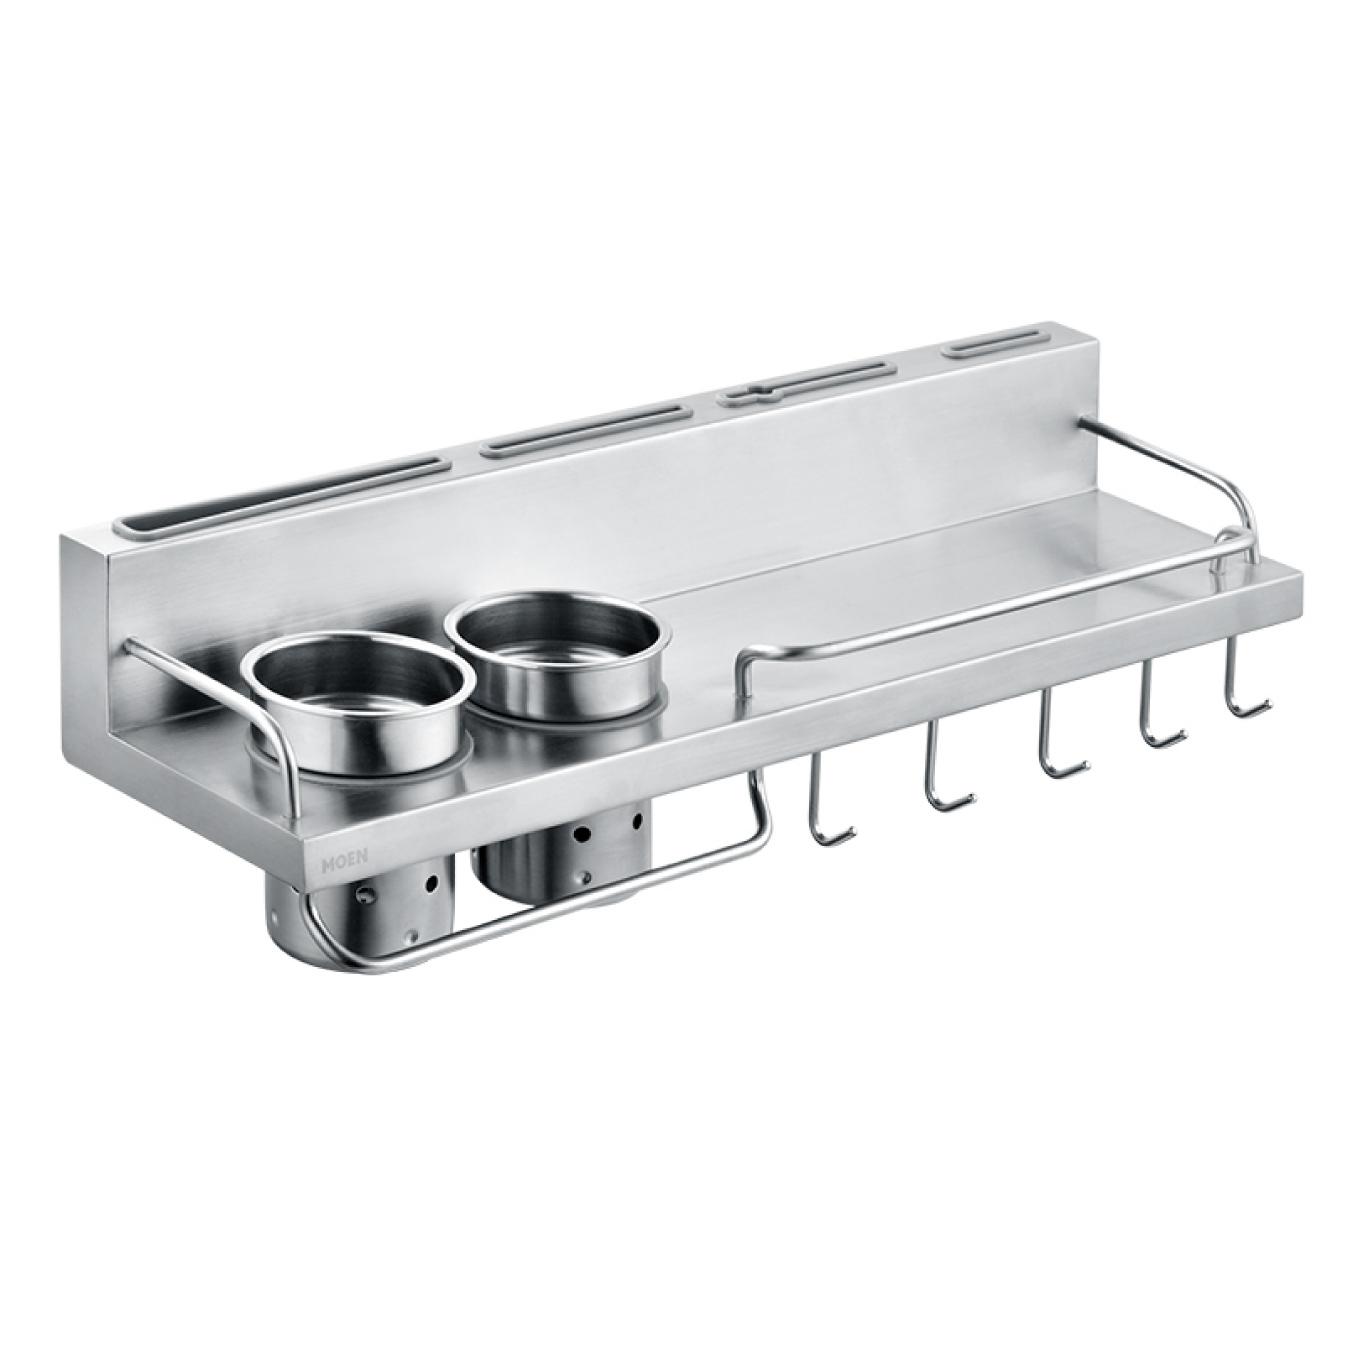 美國 Moen Celine KAC0102SL 不鏽鋼多功能廚房置物掛架 500mm (拉絲銀)